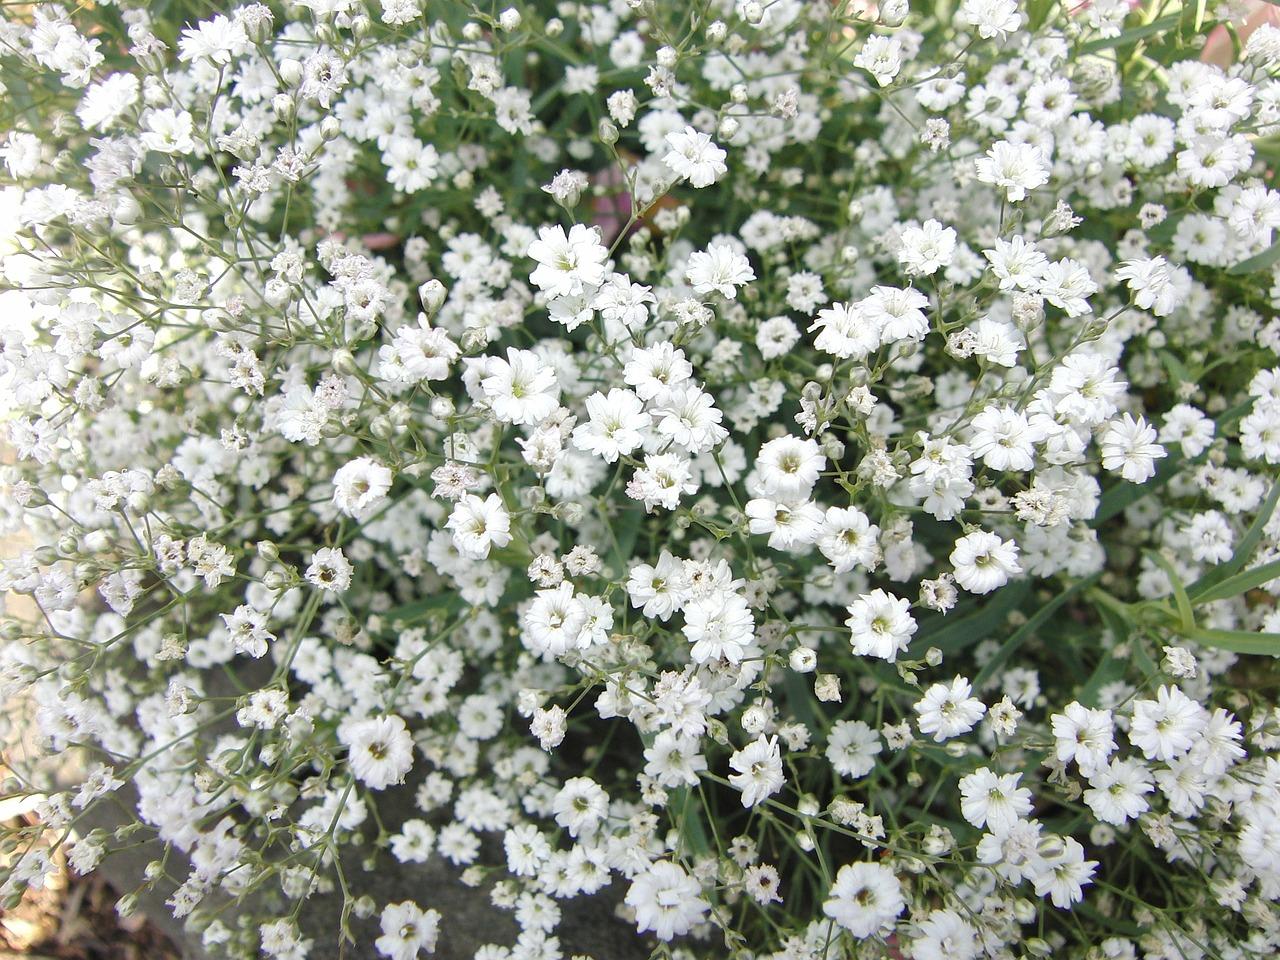 結婚式準備|装花に人気!かすみ草の魅力であなたも清楚な花嫁に